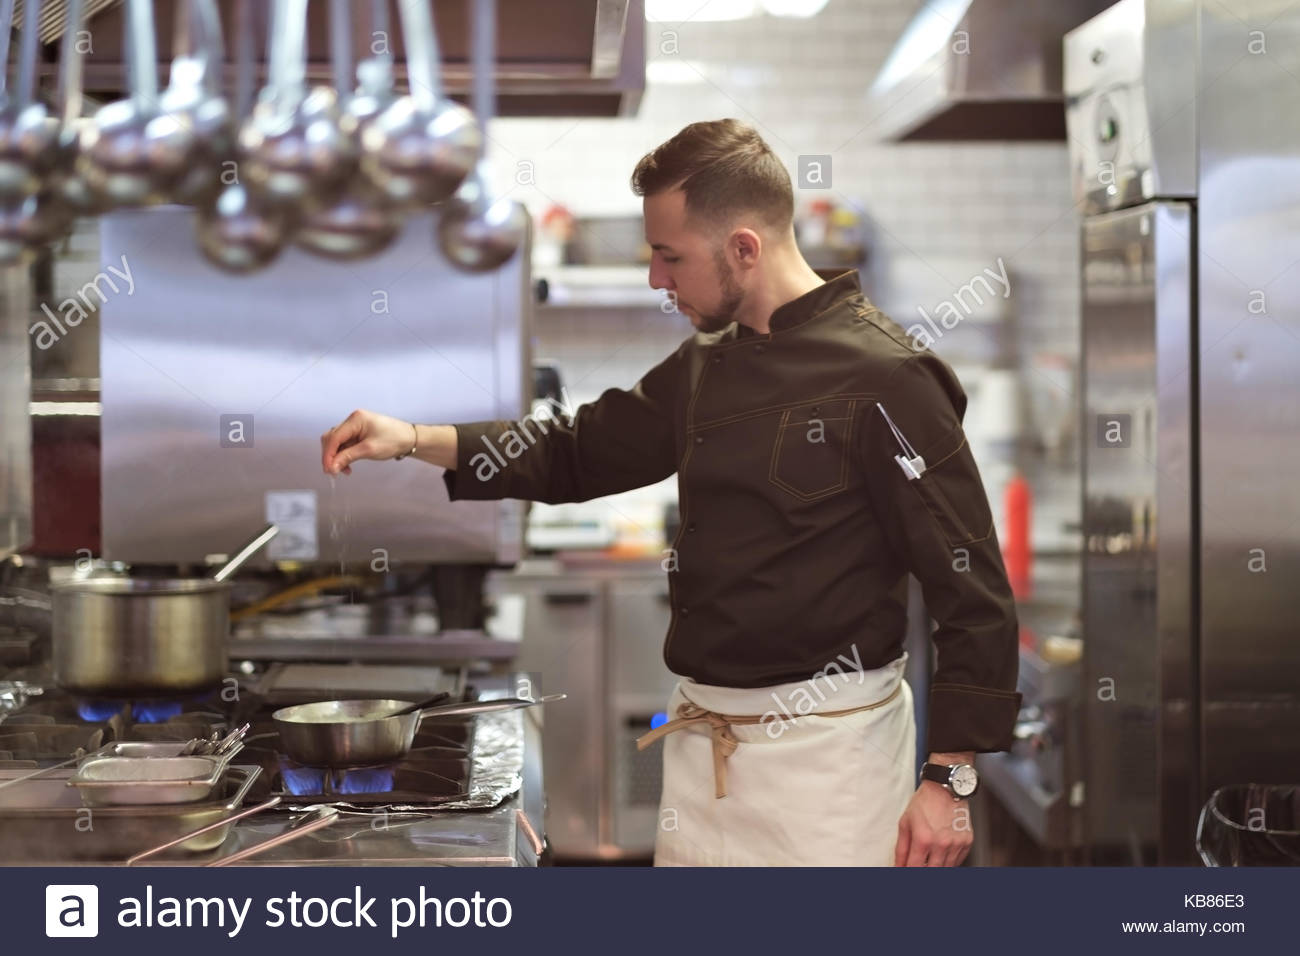 Concepto de alimentos. Un joven cocinero está en la cocina y prepara un plato Imagen De Stock